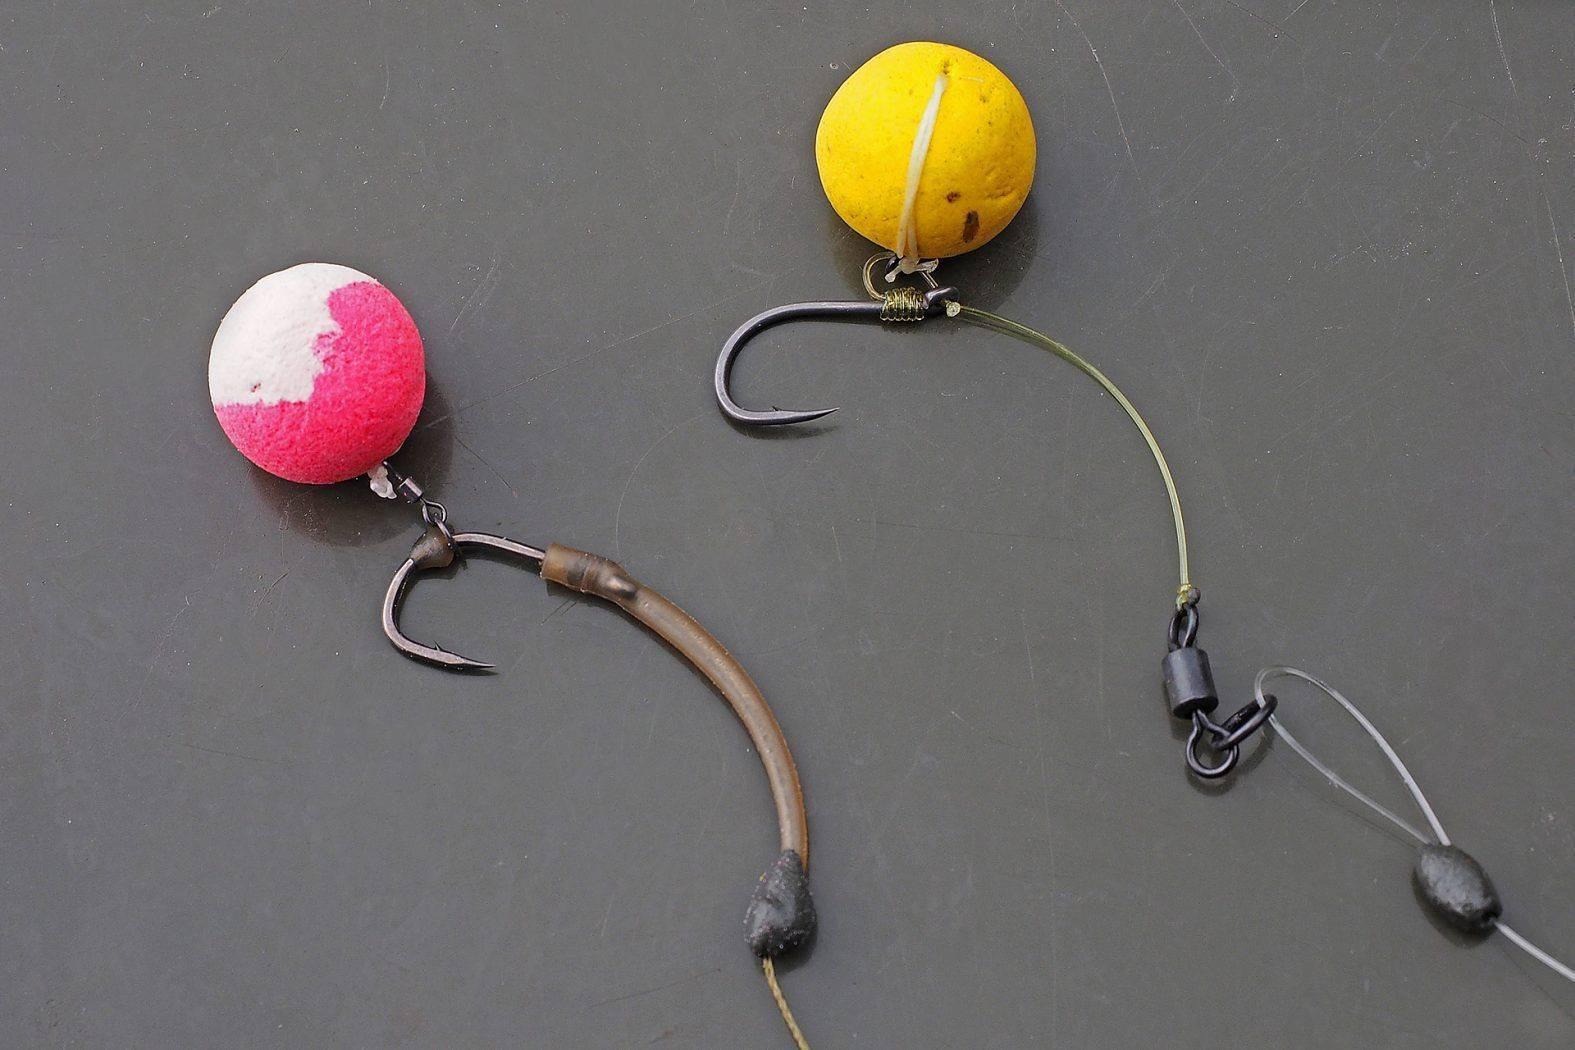 Что такое бойлы для рыбалки, фирменные бойлы